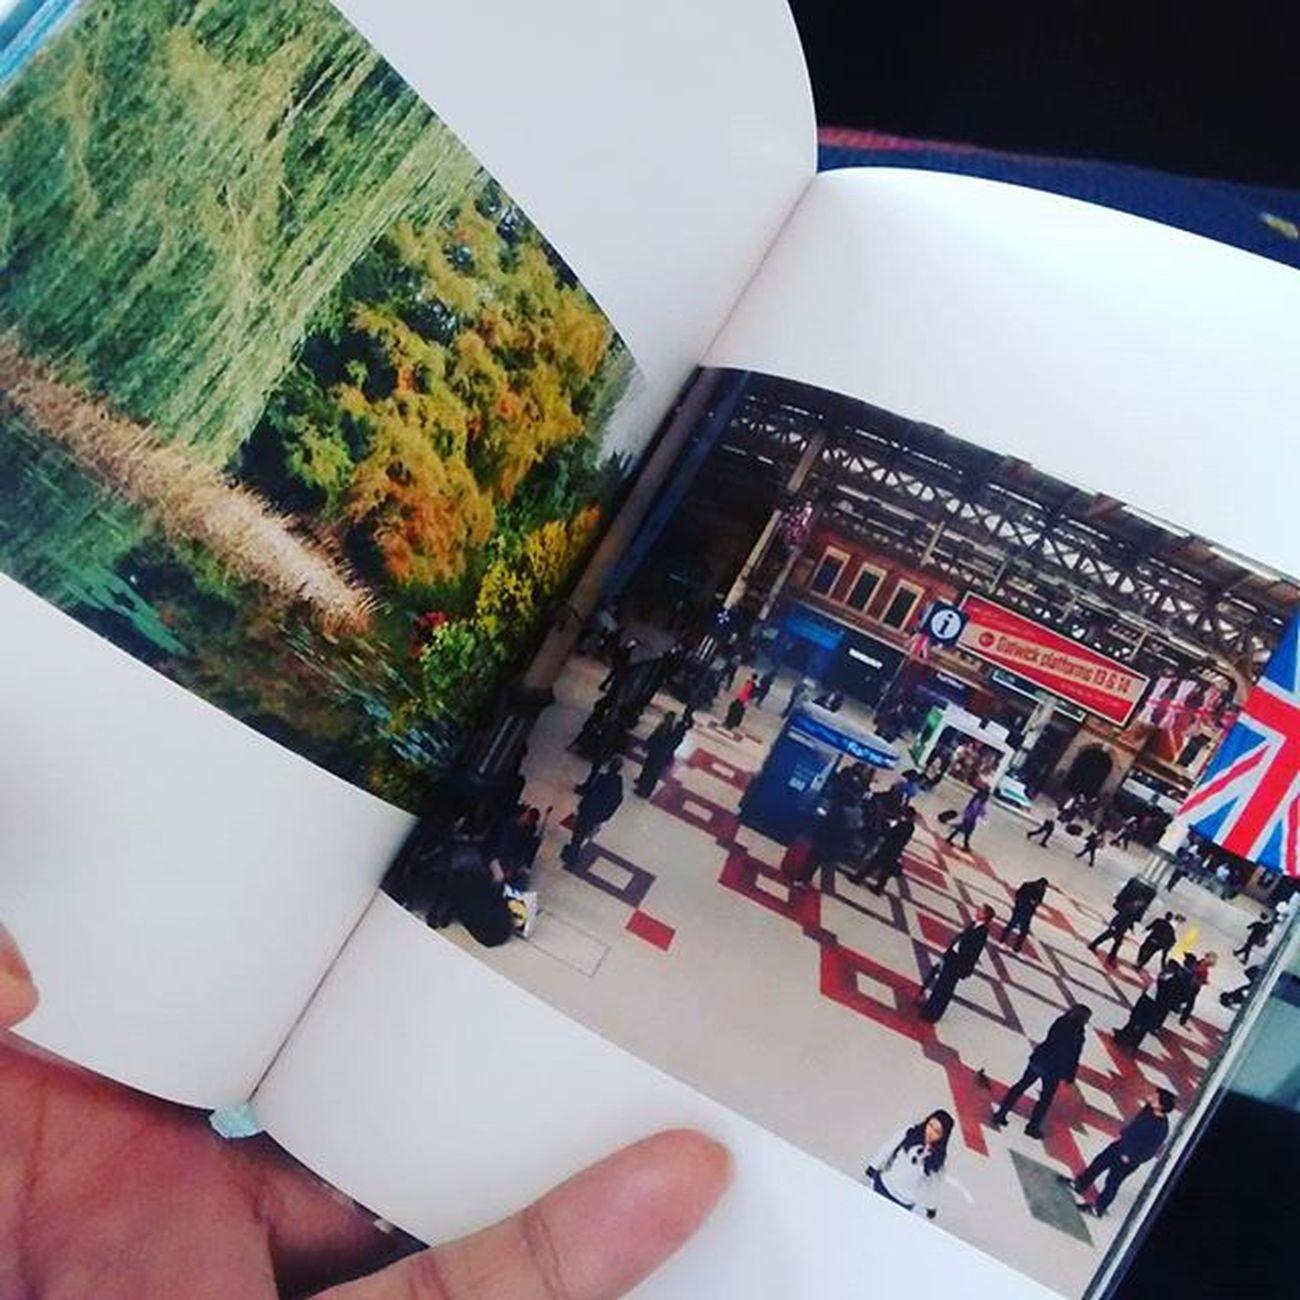 誕生日に頂いたTOLOTのクーポンで作った本がやってきた。 途中で写真の画角が違ってる。前に4x3より16x9の方が向いてるんじゃないって言われて変えてみたんだった。 あんまり並べて見ることしなかったから気がつかなかった。 どっちがいいかなぁ… Uk Photo Travel Tolot Book